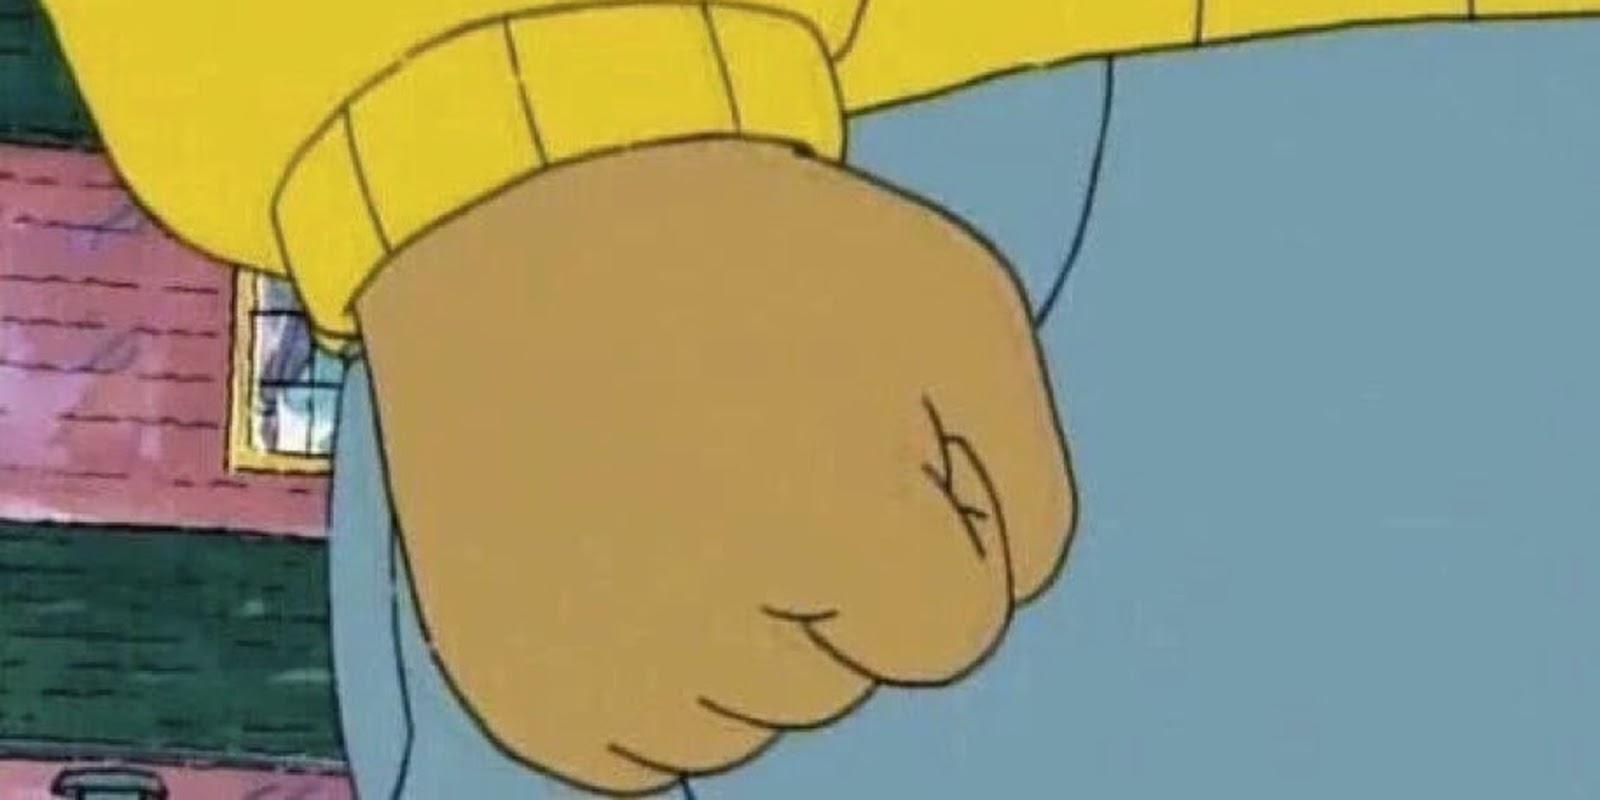 Arthur's Fist